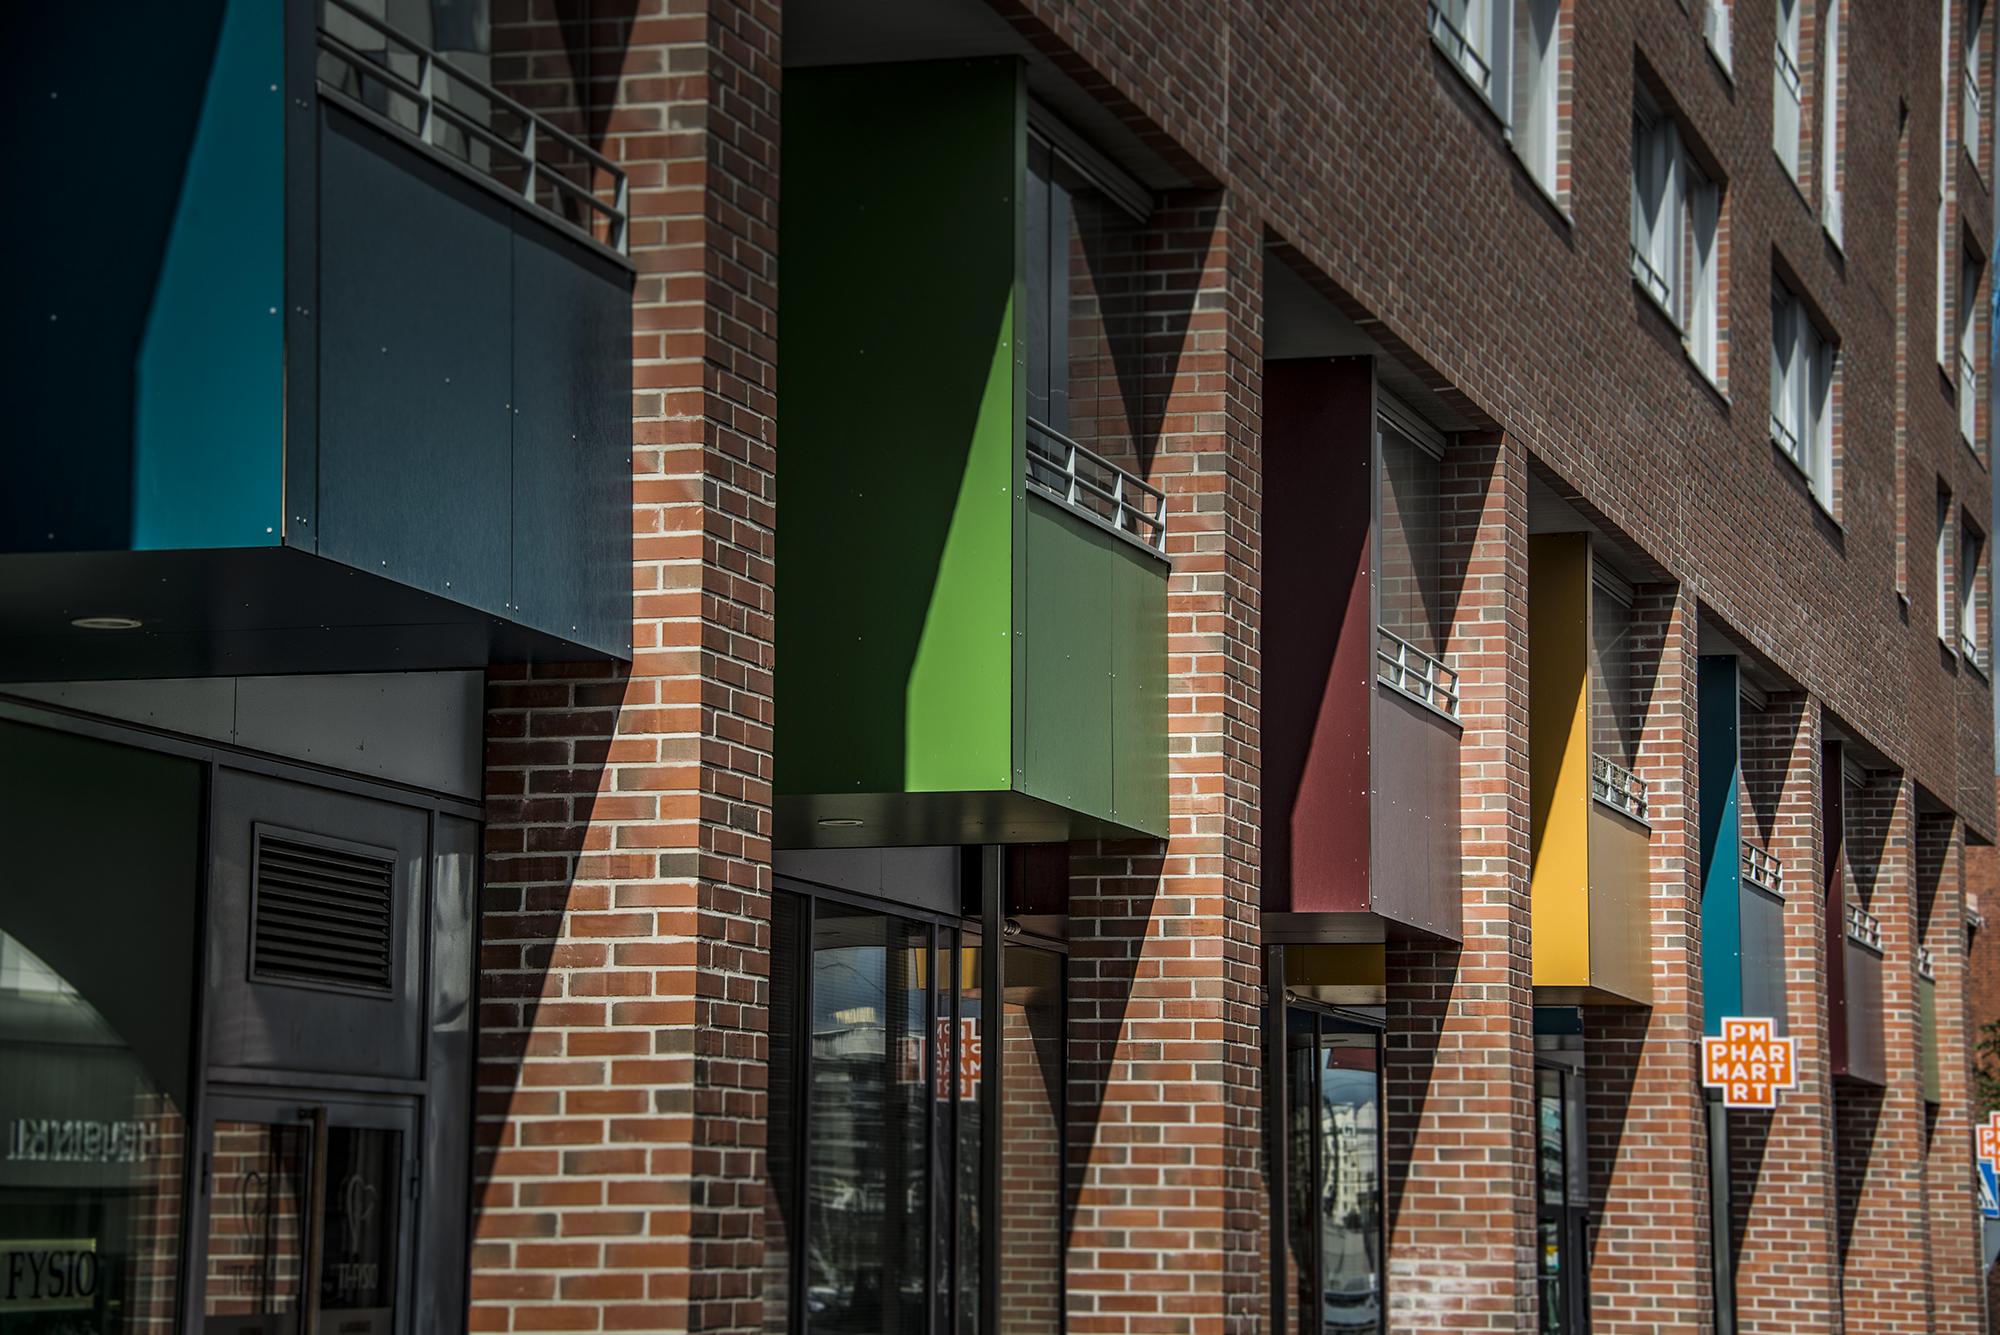 Trespa asennus parvekkeille: kuvassa värikkäitä parvekkeita kadun yläpuolella.